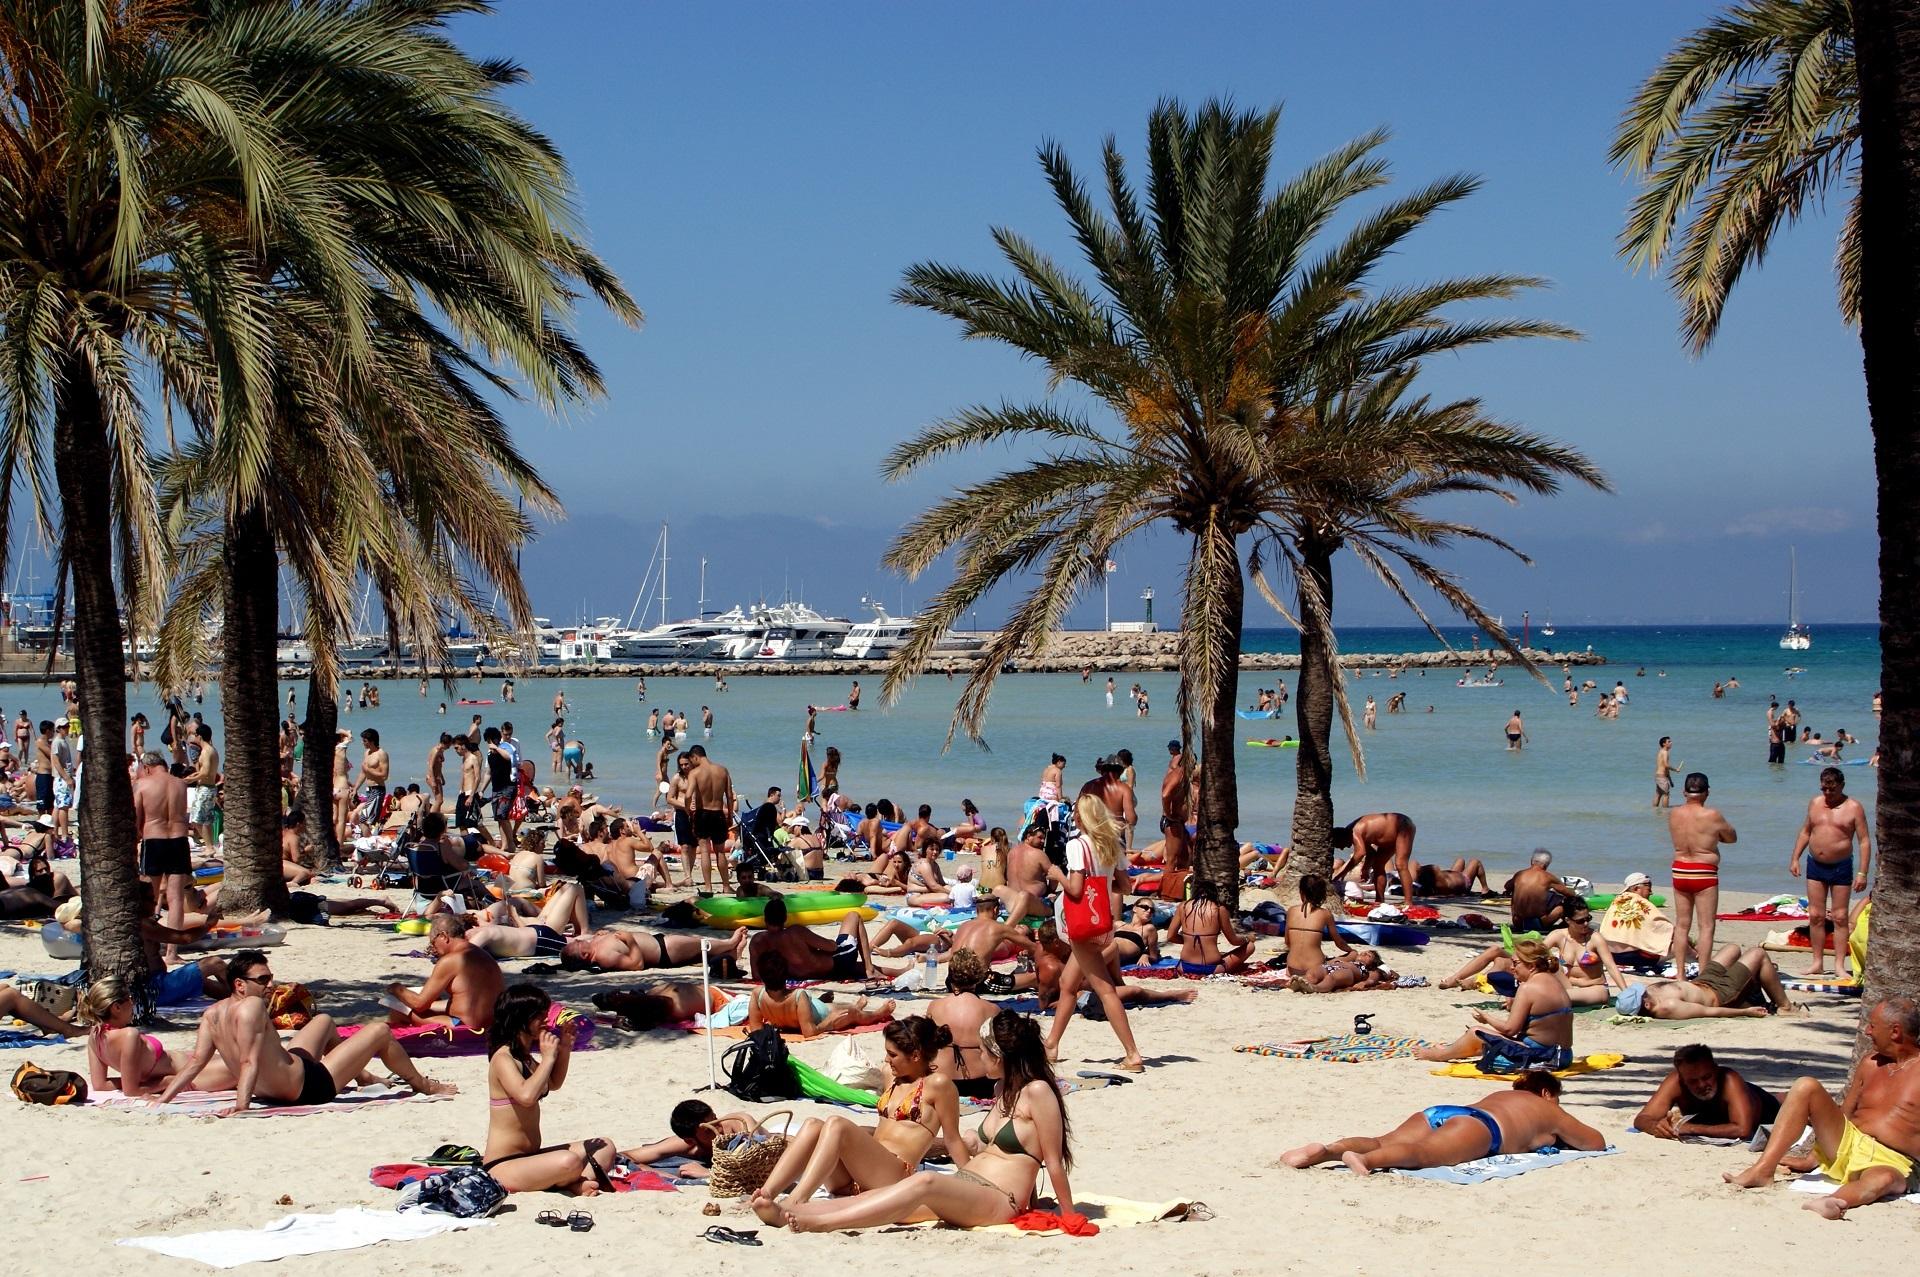 La spiaggia di arenal a maiorca divertimento al sole for Palma de maiorca dove soggiornare